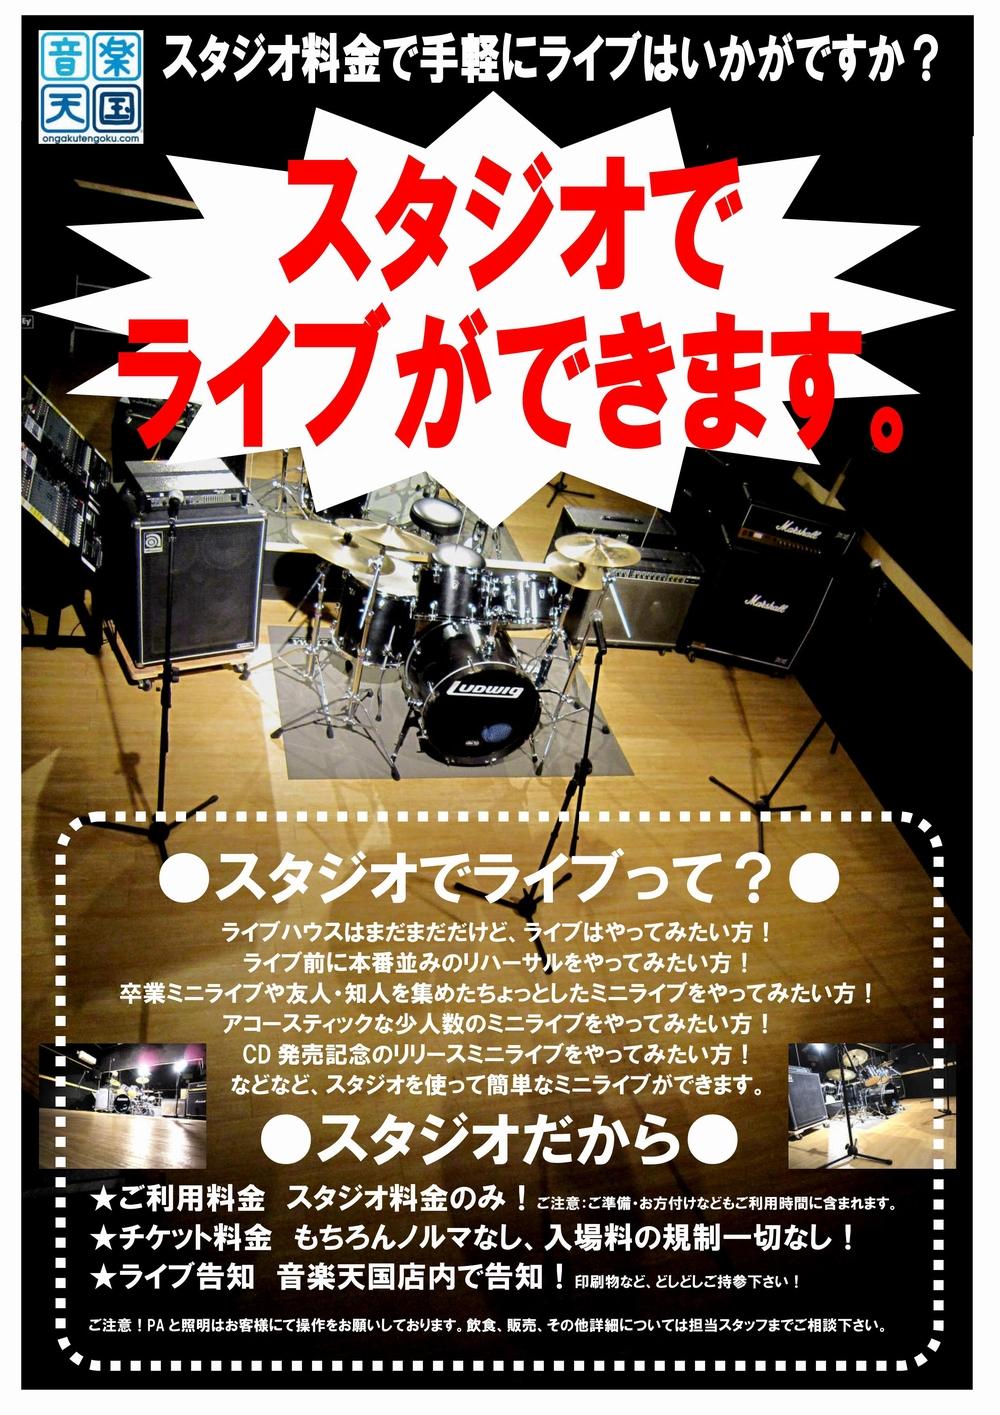 スタジオでライブ!